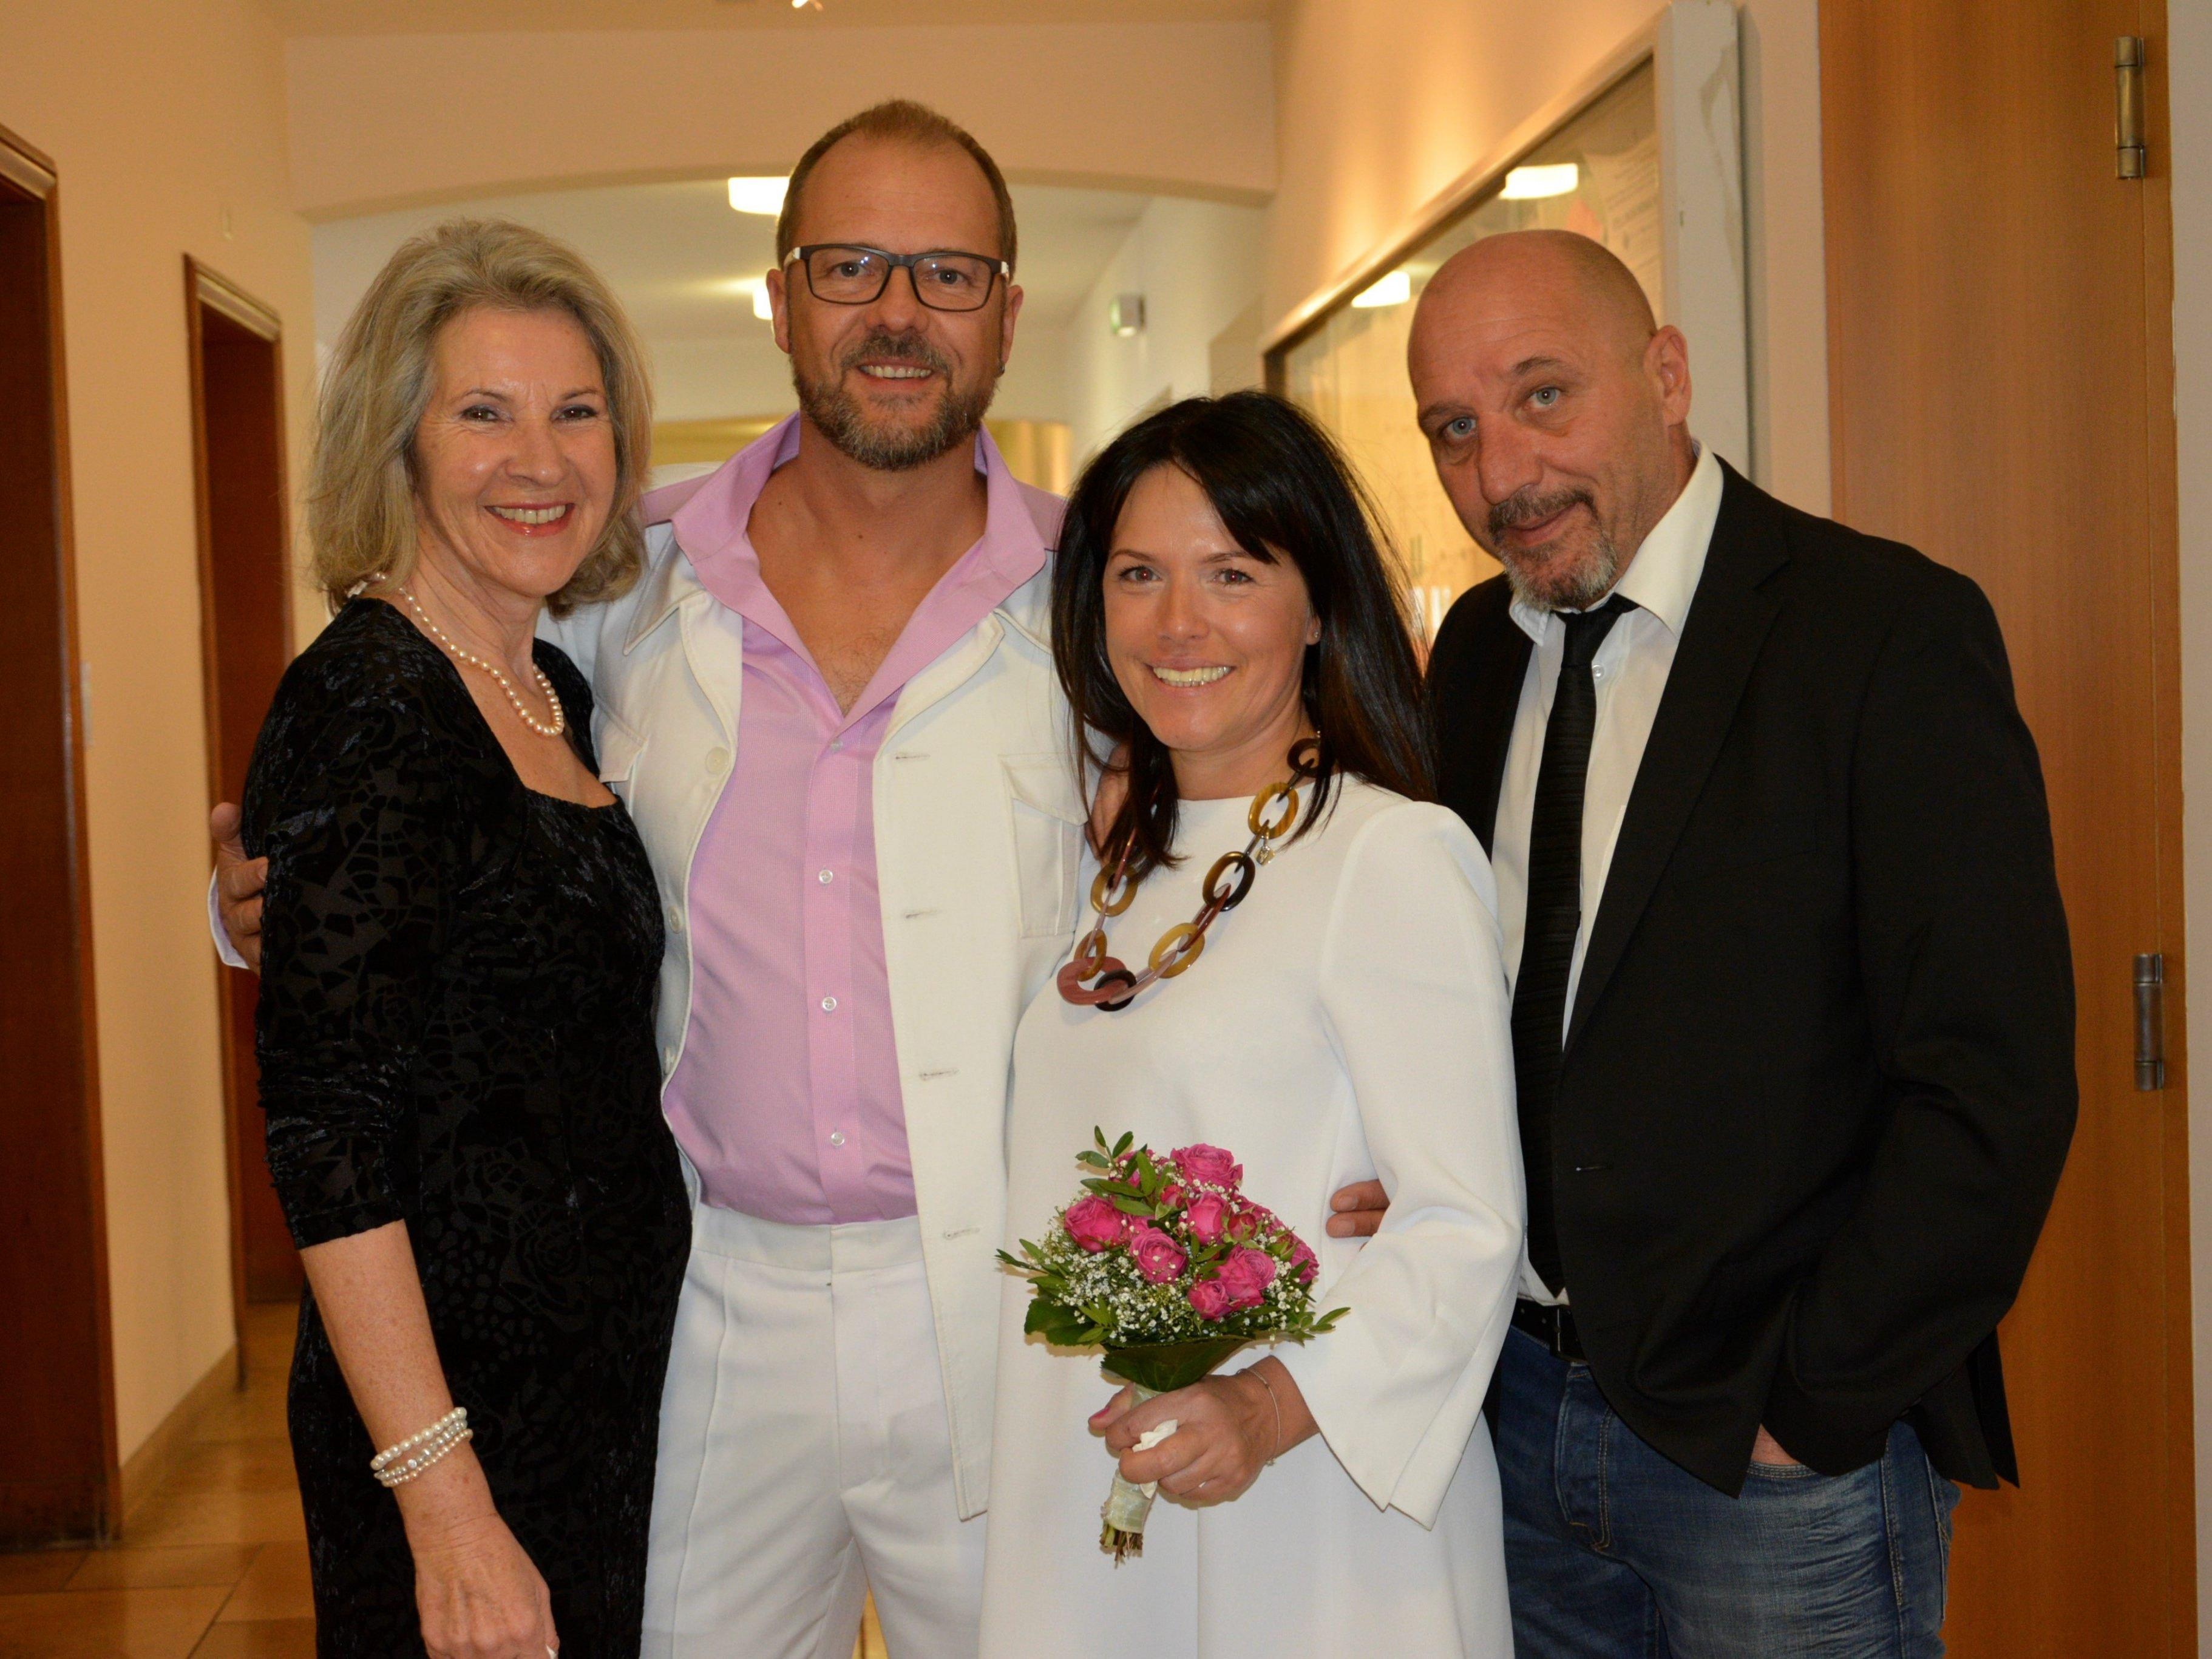 Hochzeit von Manja Vonbank und Andreas Mages - Dornbirn | VOL.AT